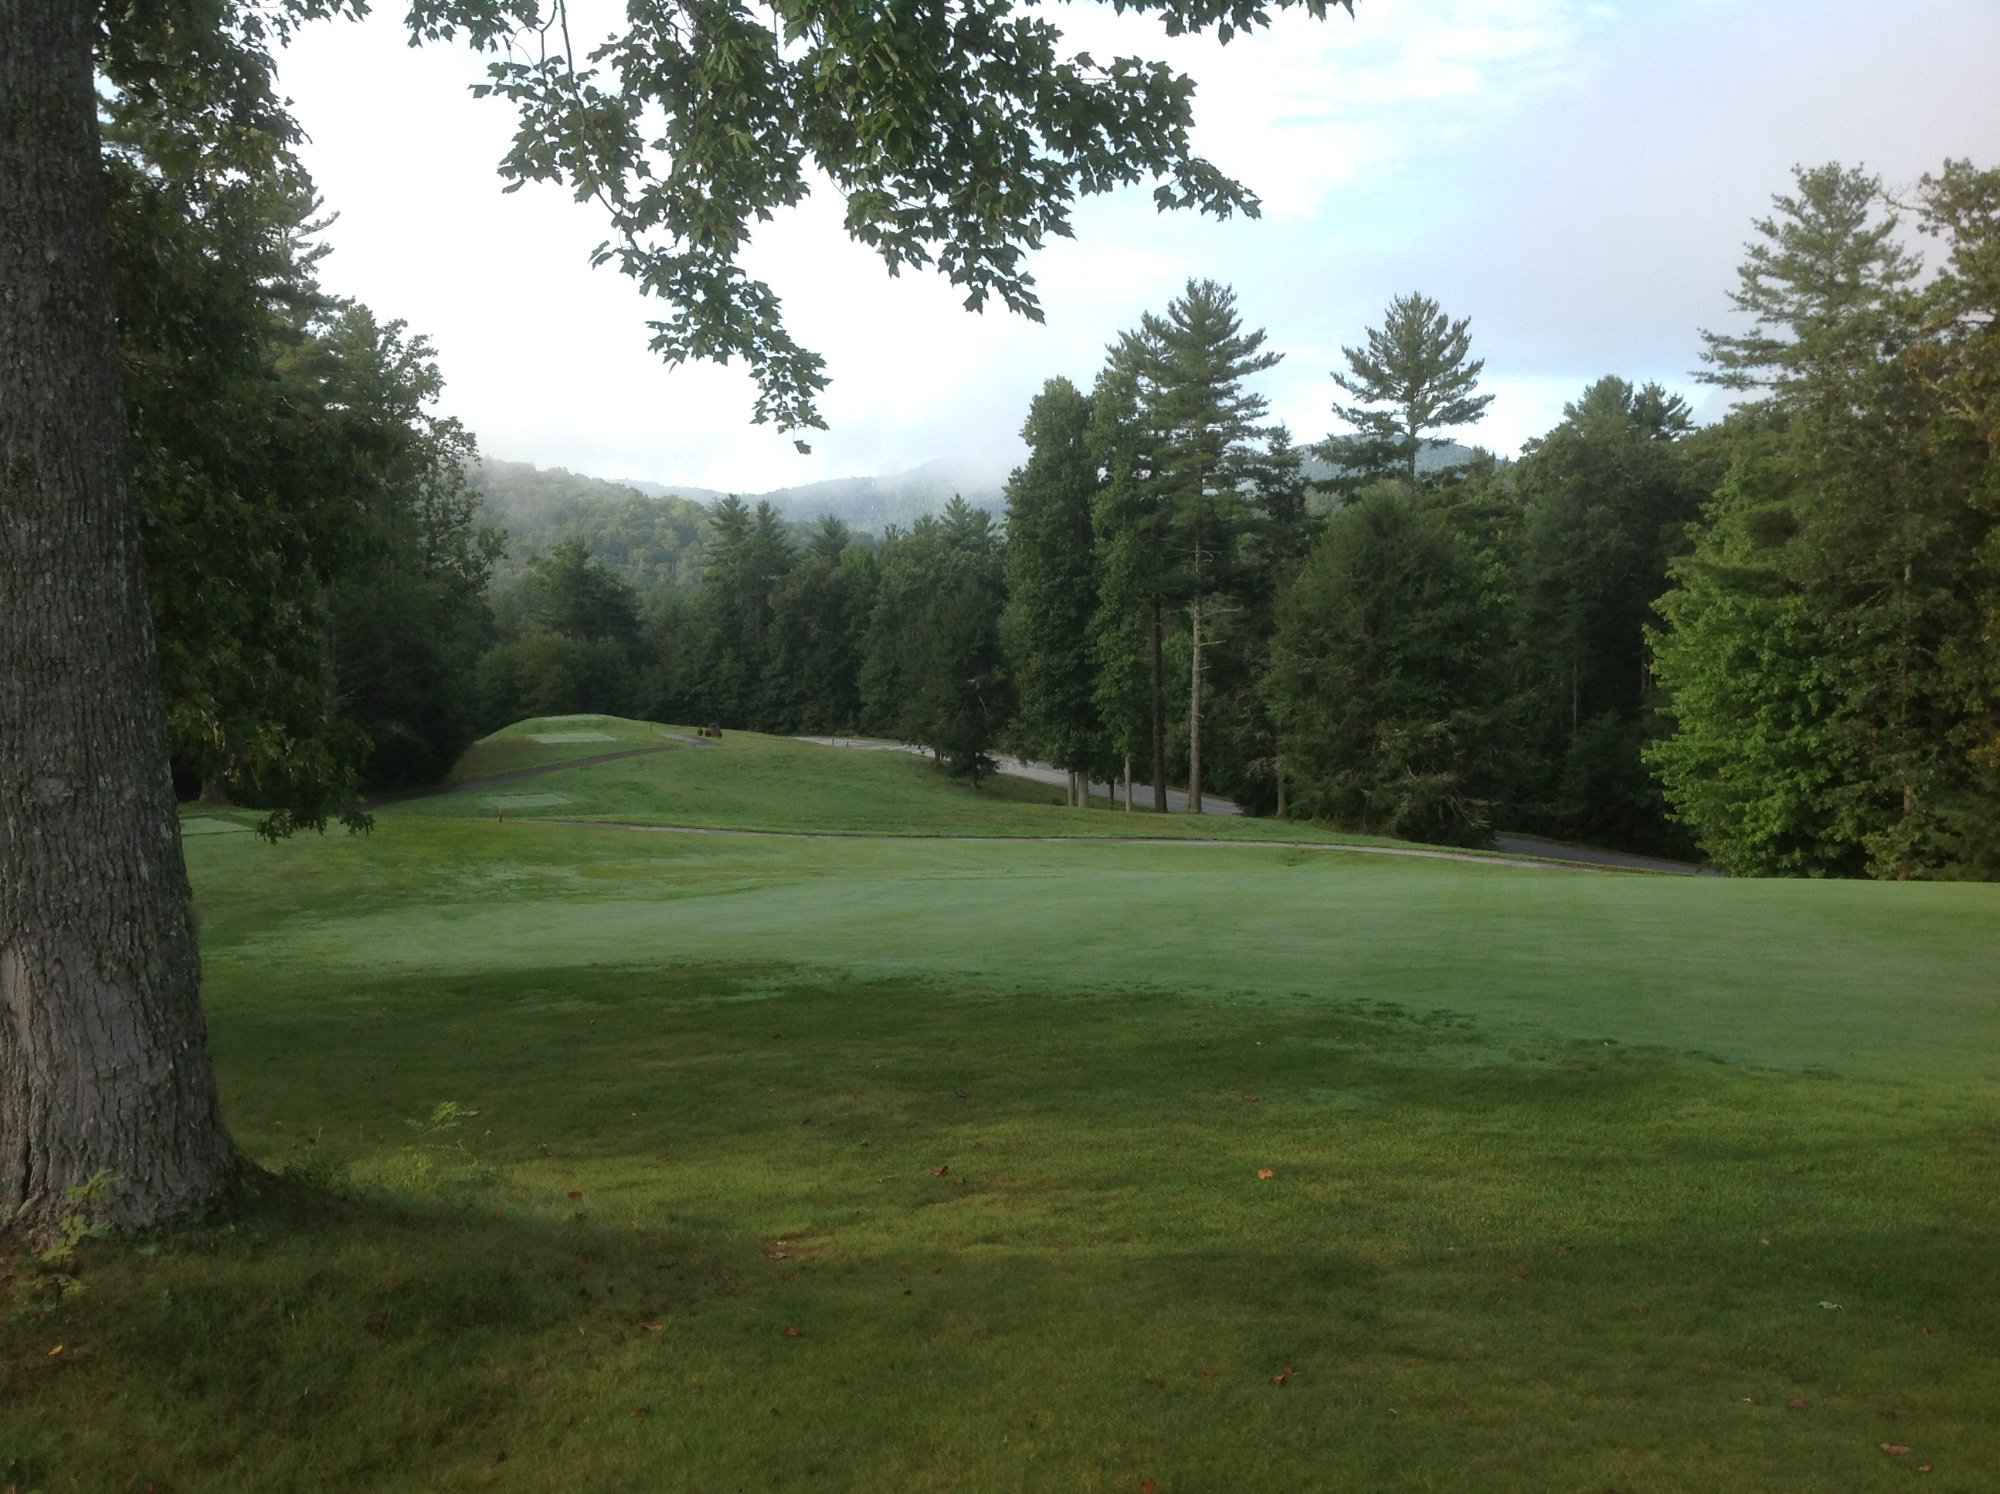 Bluegreen_Club_Lodges_at_Trillium_Golf_768c080f74.jpg